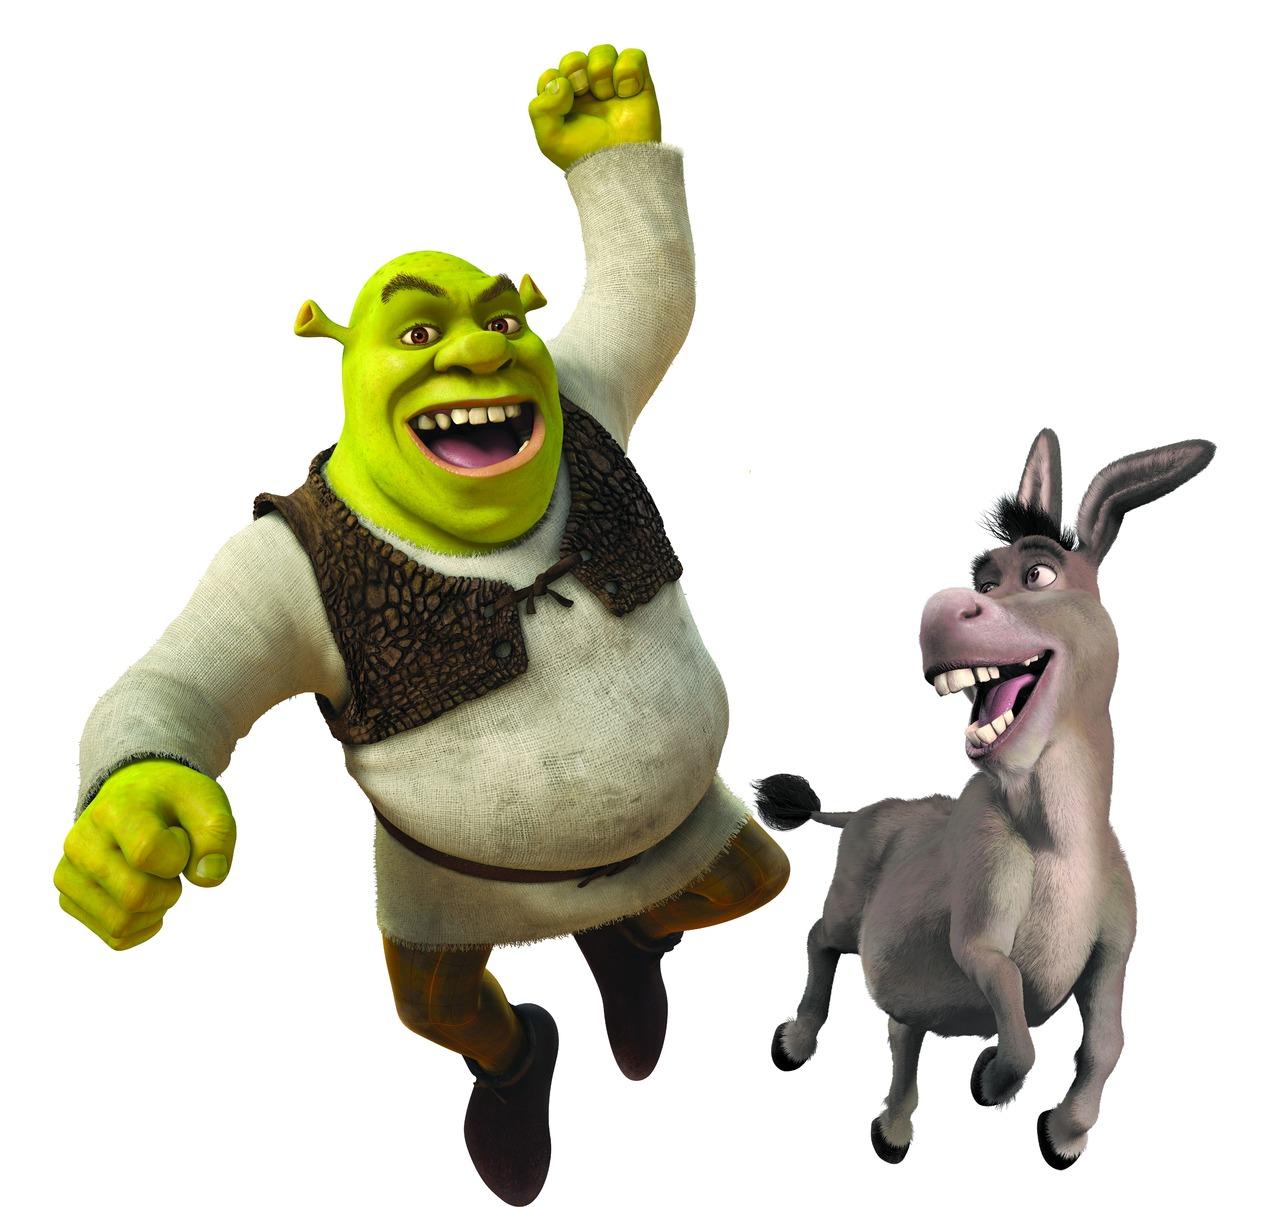 jeuxvideo.com Shrek 4 : Il était une Fin - Xbox 360 Image 3 sur 53